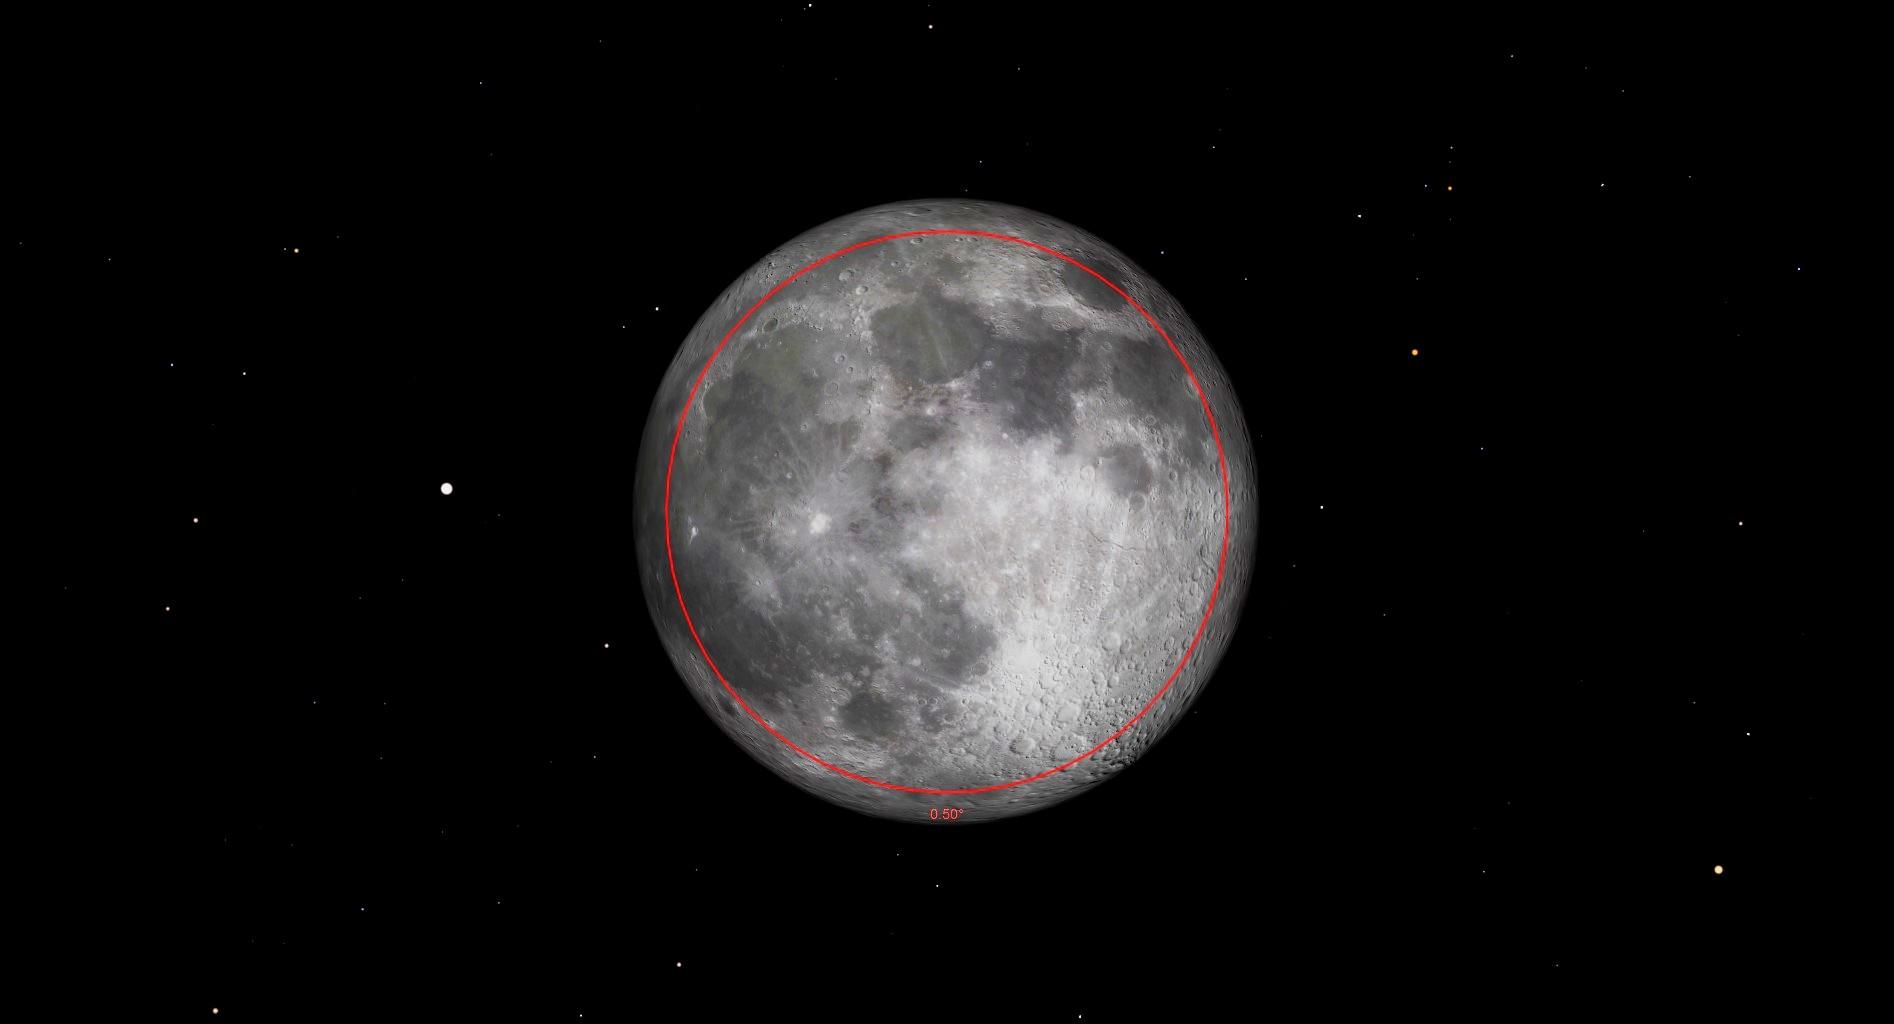 La lune atteindra officiellement sa phase complète le 26 avril à 23 h 32 HAE (03 h 32 le 27 avril GMT).  Cette pleine lune se produira moins de 12 heures avant le périgée, le point de l'orbite de la lune le plus proche de la Terre, générant de grandes marées dans le monde entier et en faisant la deuxième des quatre supermoons consécutives en 2021. Les supermoons semblent environ 16% plus brillantes et 7% plus brillantes. plus grand que la moyenne (cercle rouge).